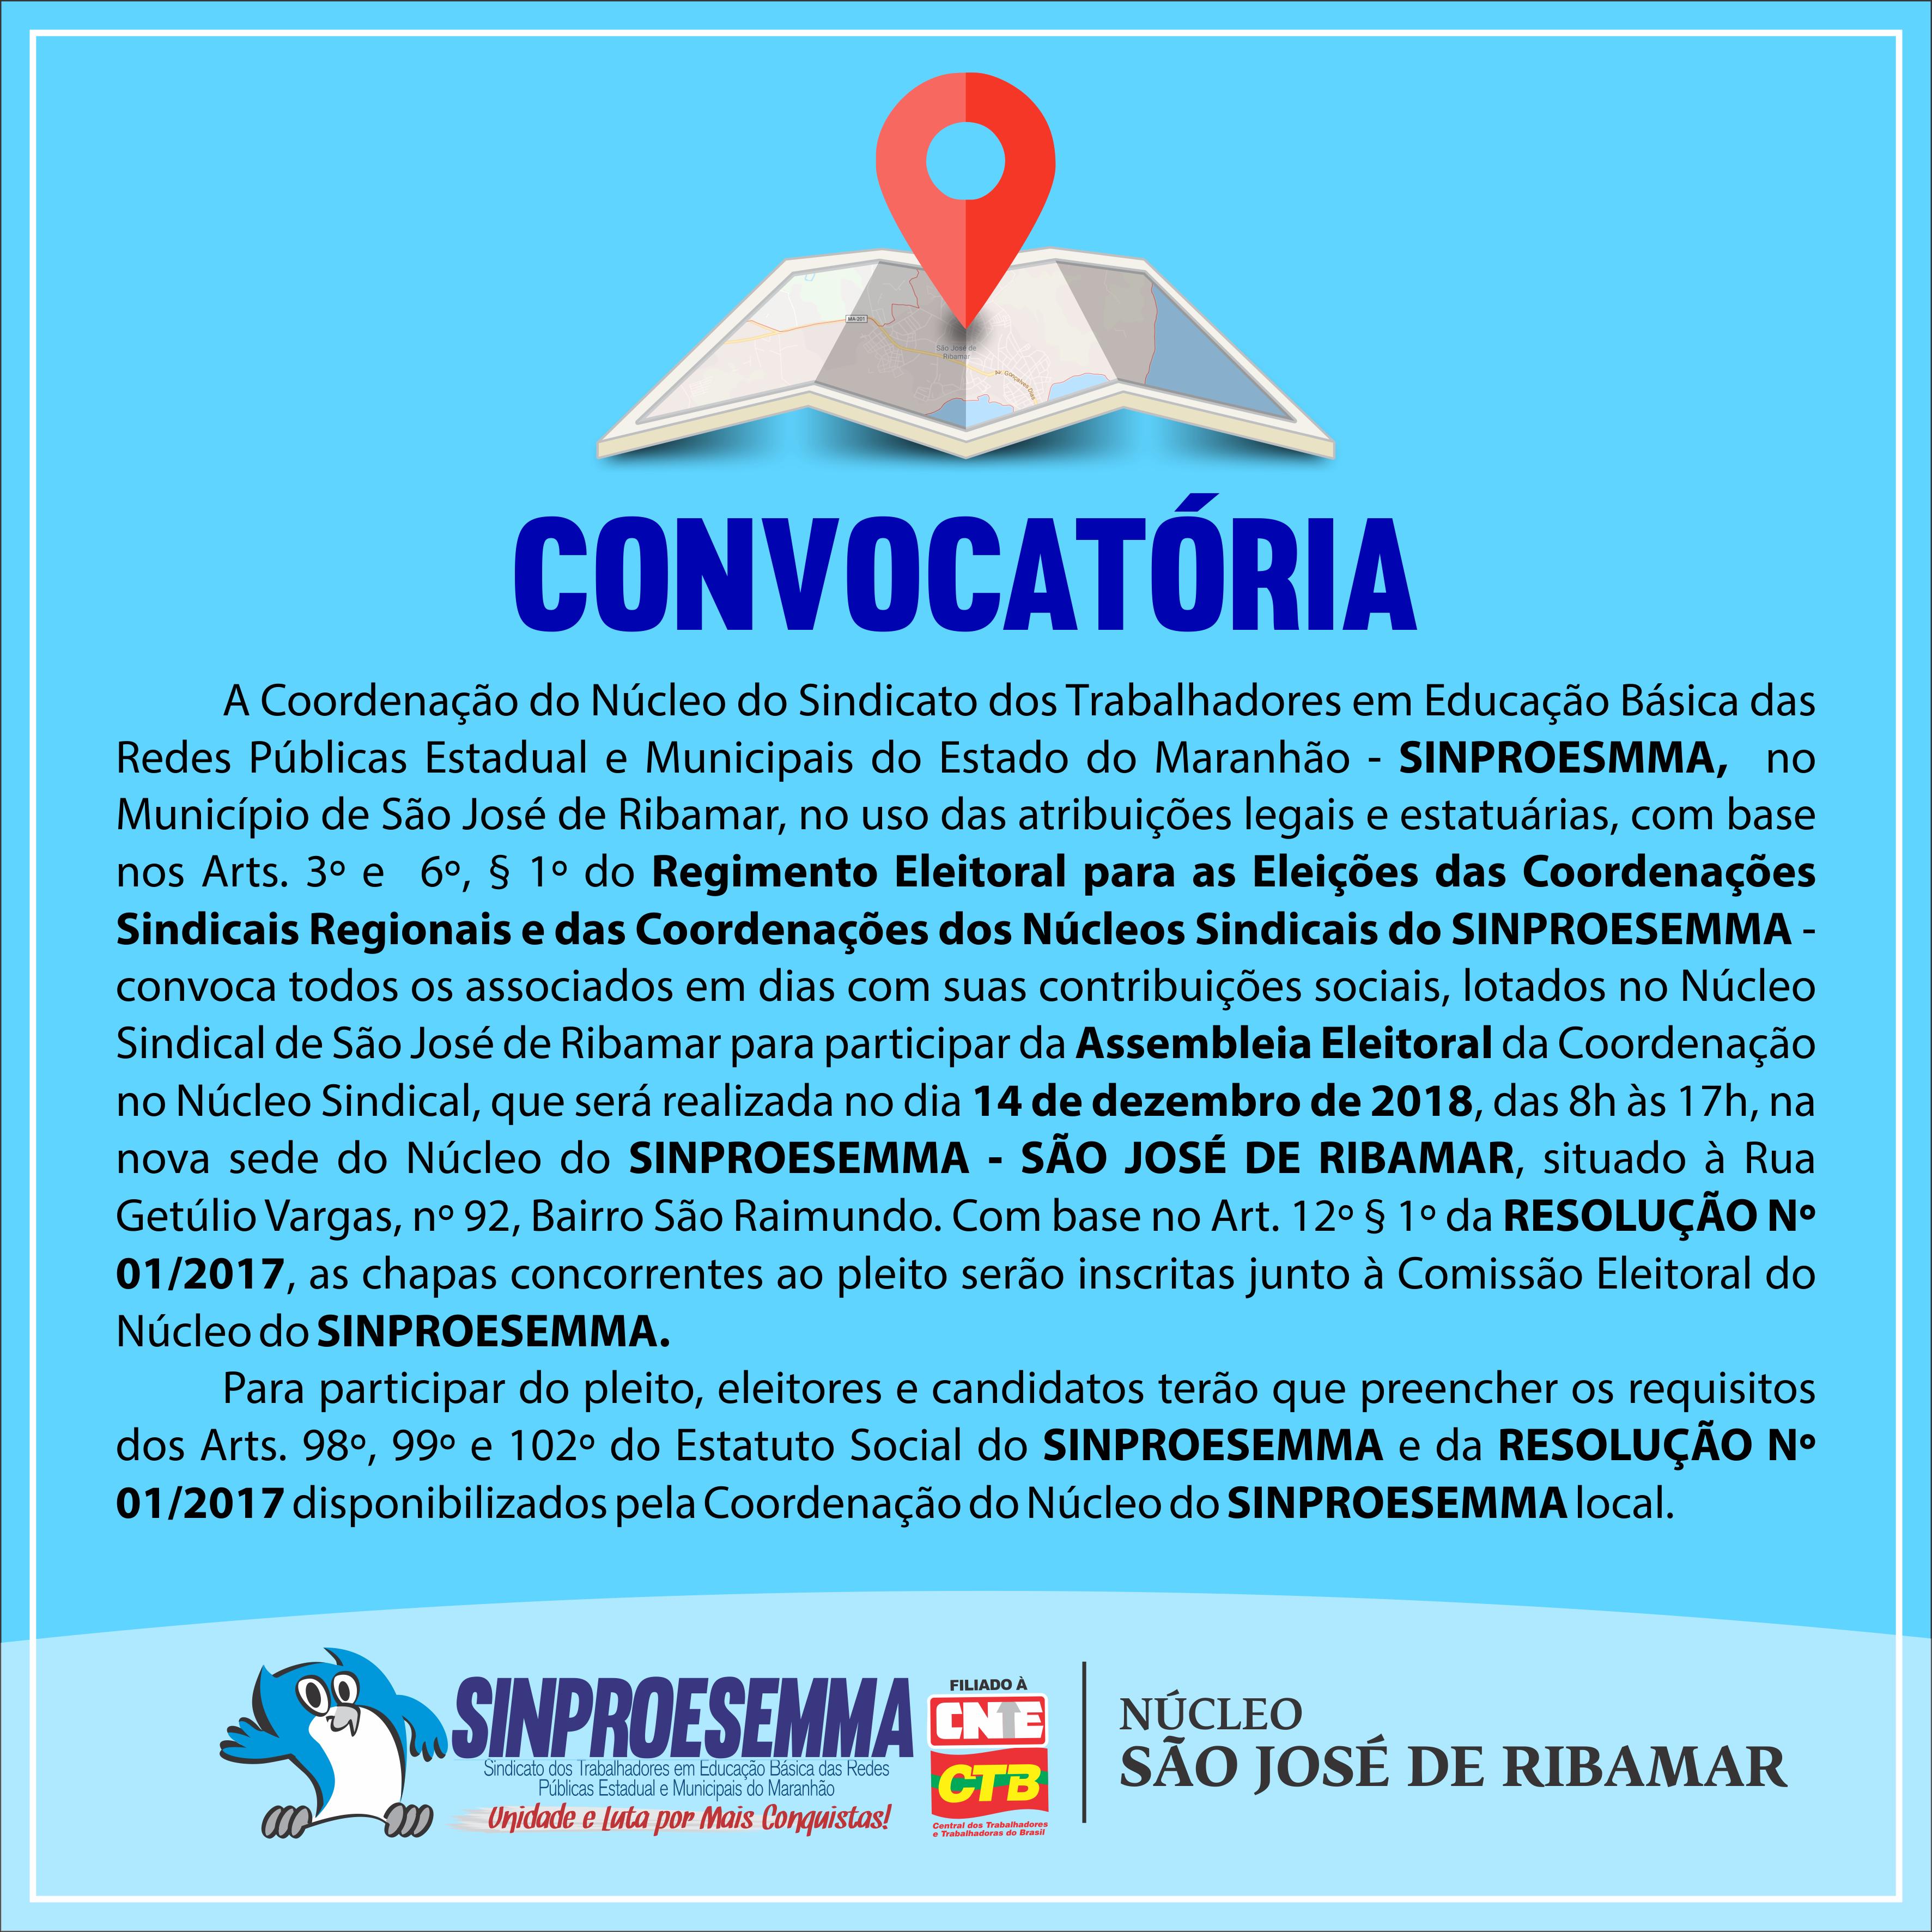 Convocação de Assembleia Eleitoral - Núcleo São José de Ribamar